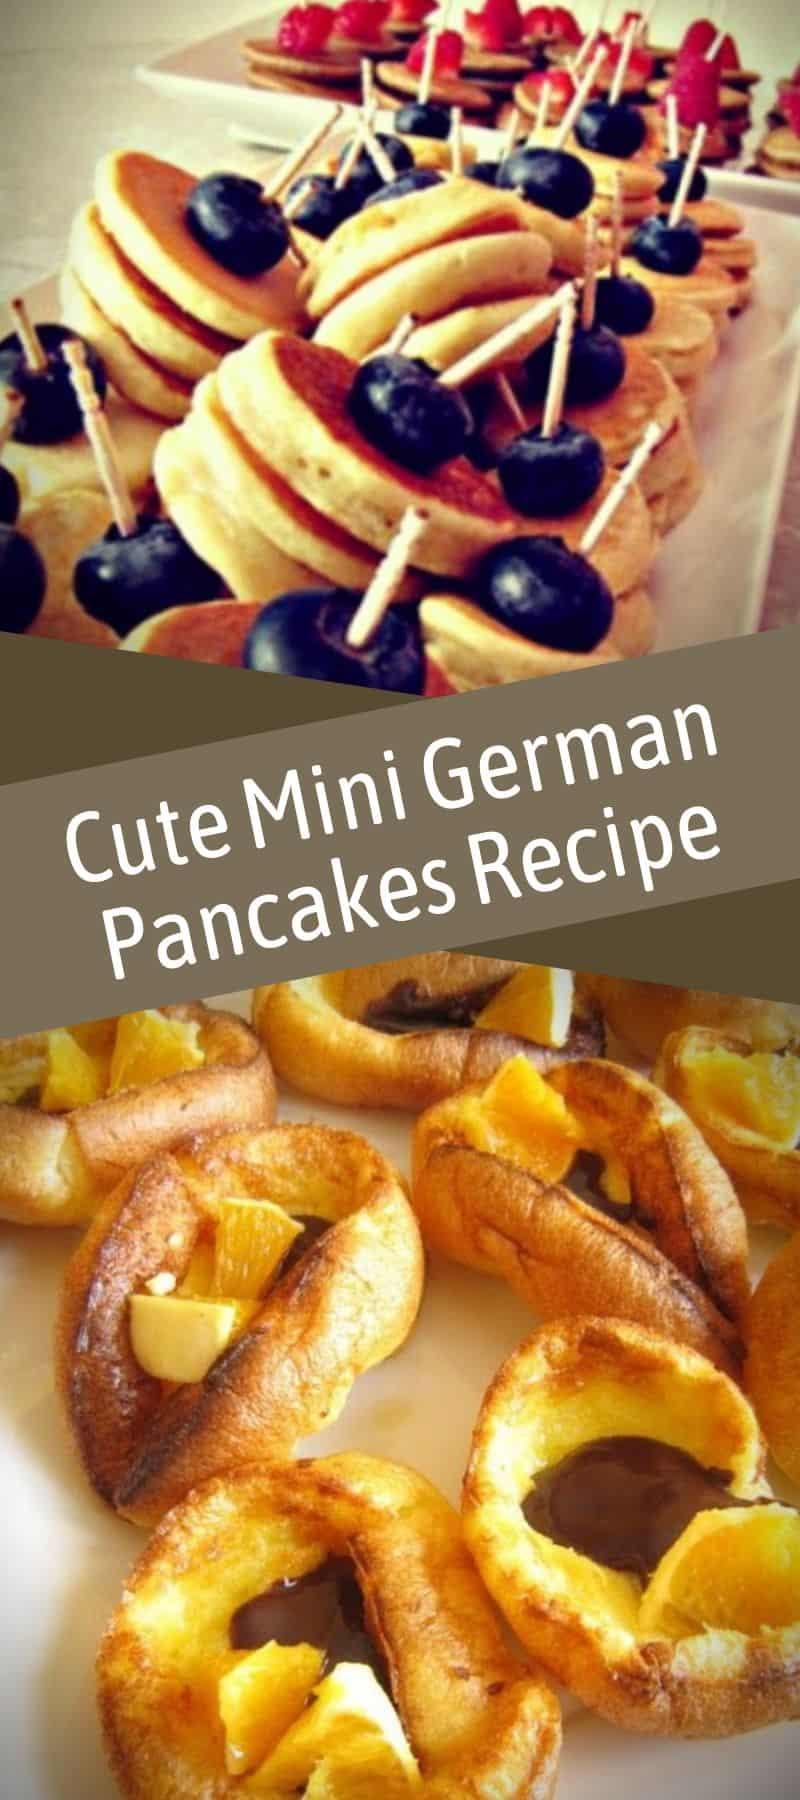 Cute Mini German Pancakes Recipe 3